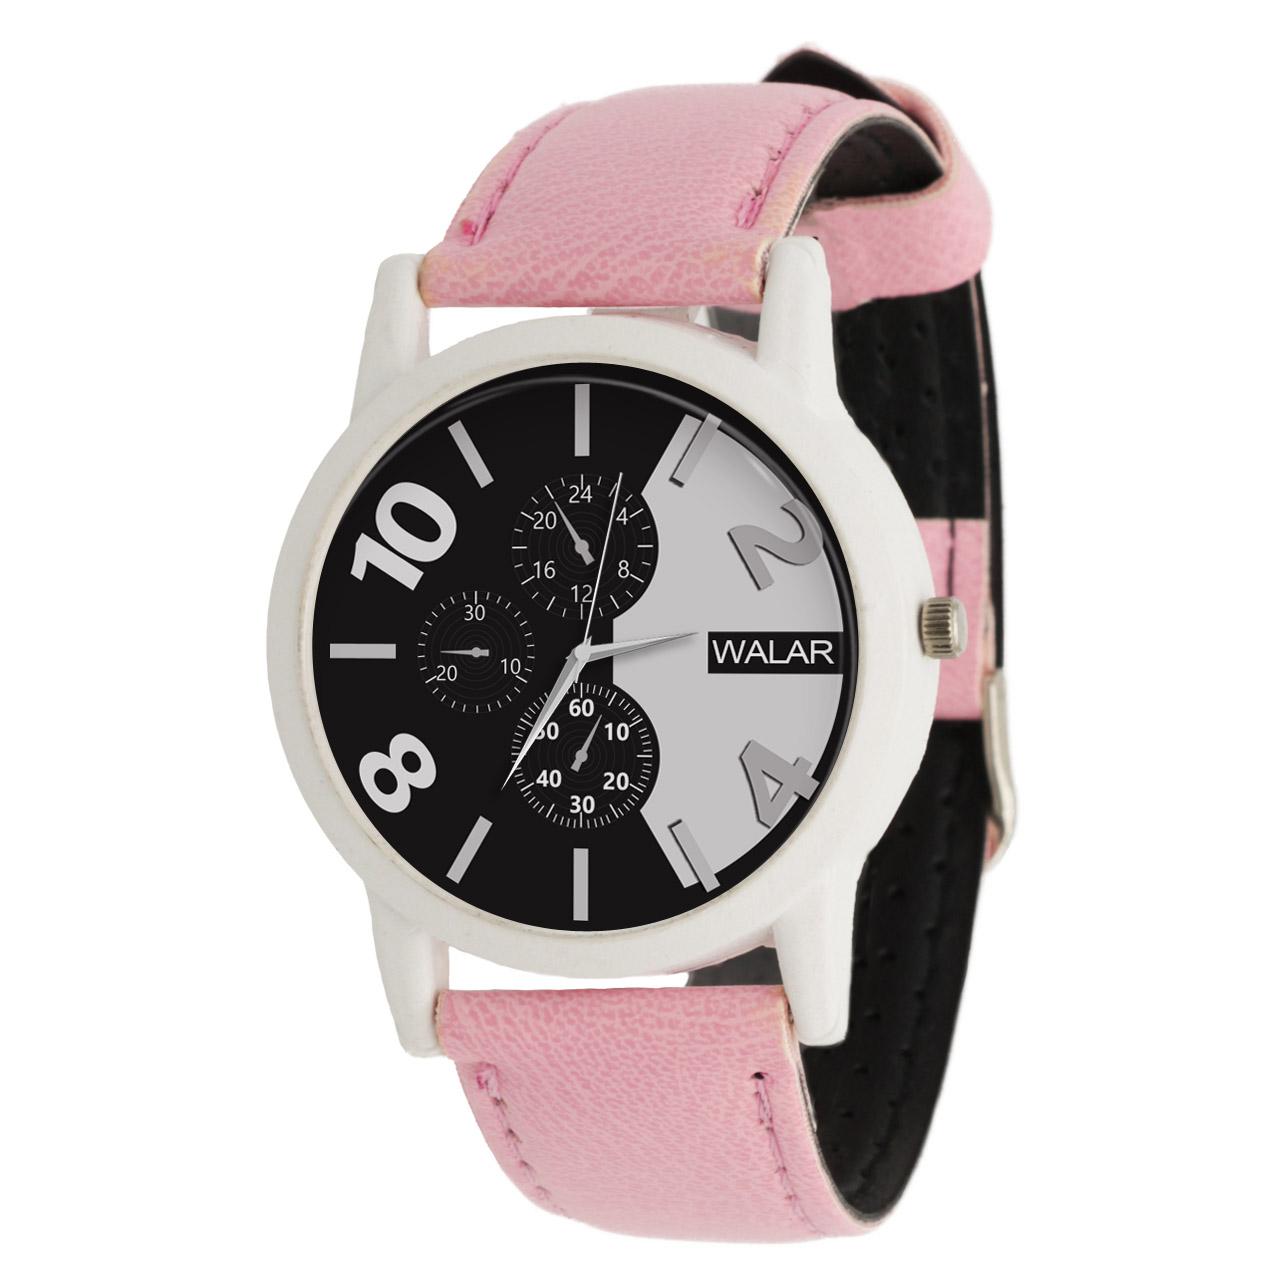 ساعت مچی عقربه ای زنانه والار کد LF1778              خرید (⭐️⭐️⭐️)